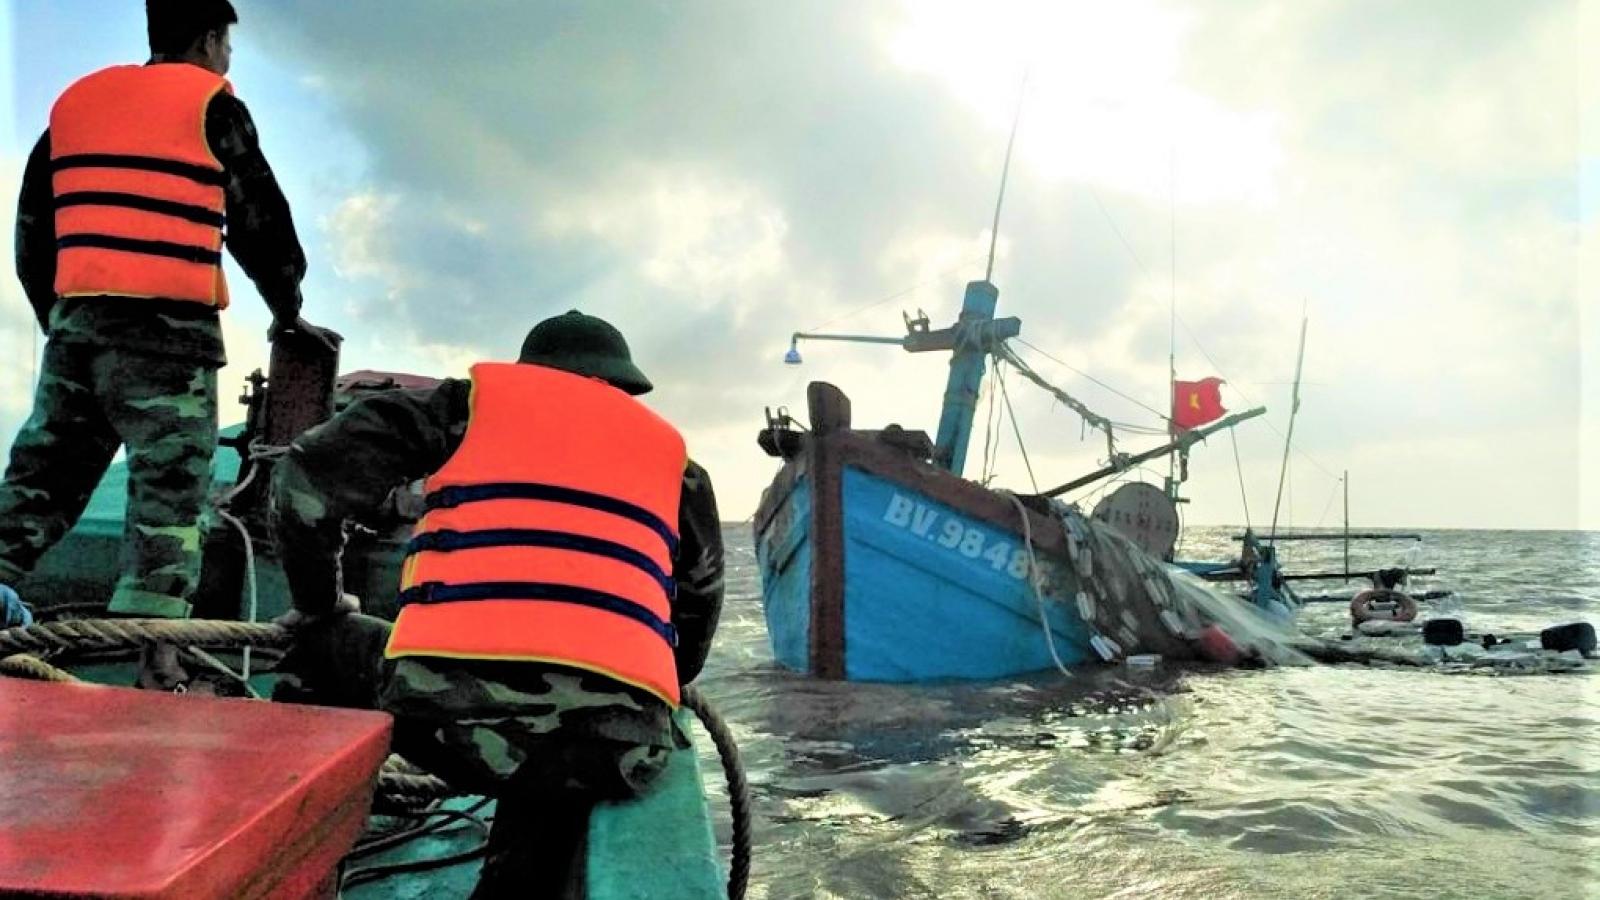 Cứu hộ kịp thời 7 ngư dân bị chìm tàu